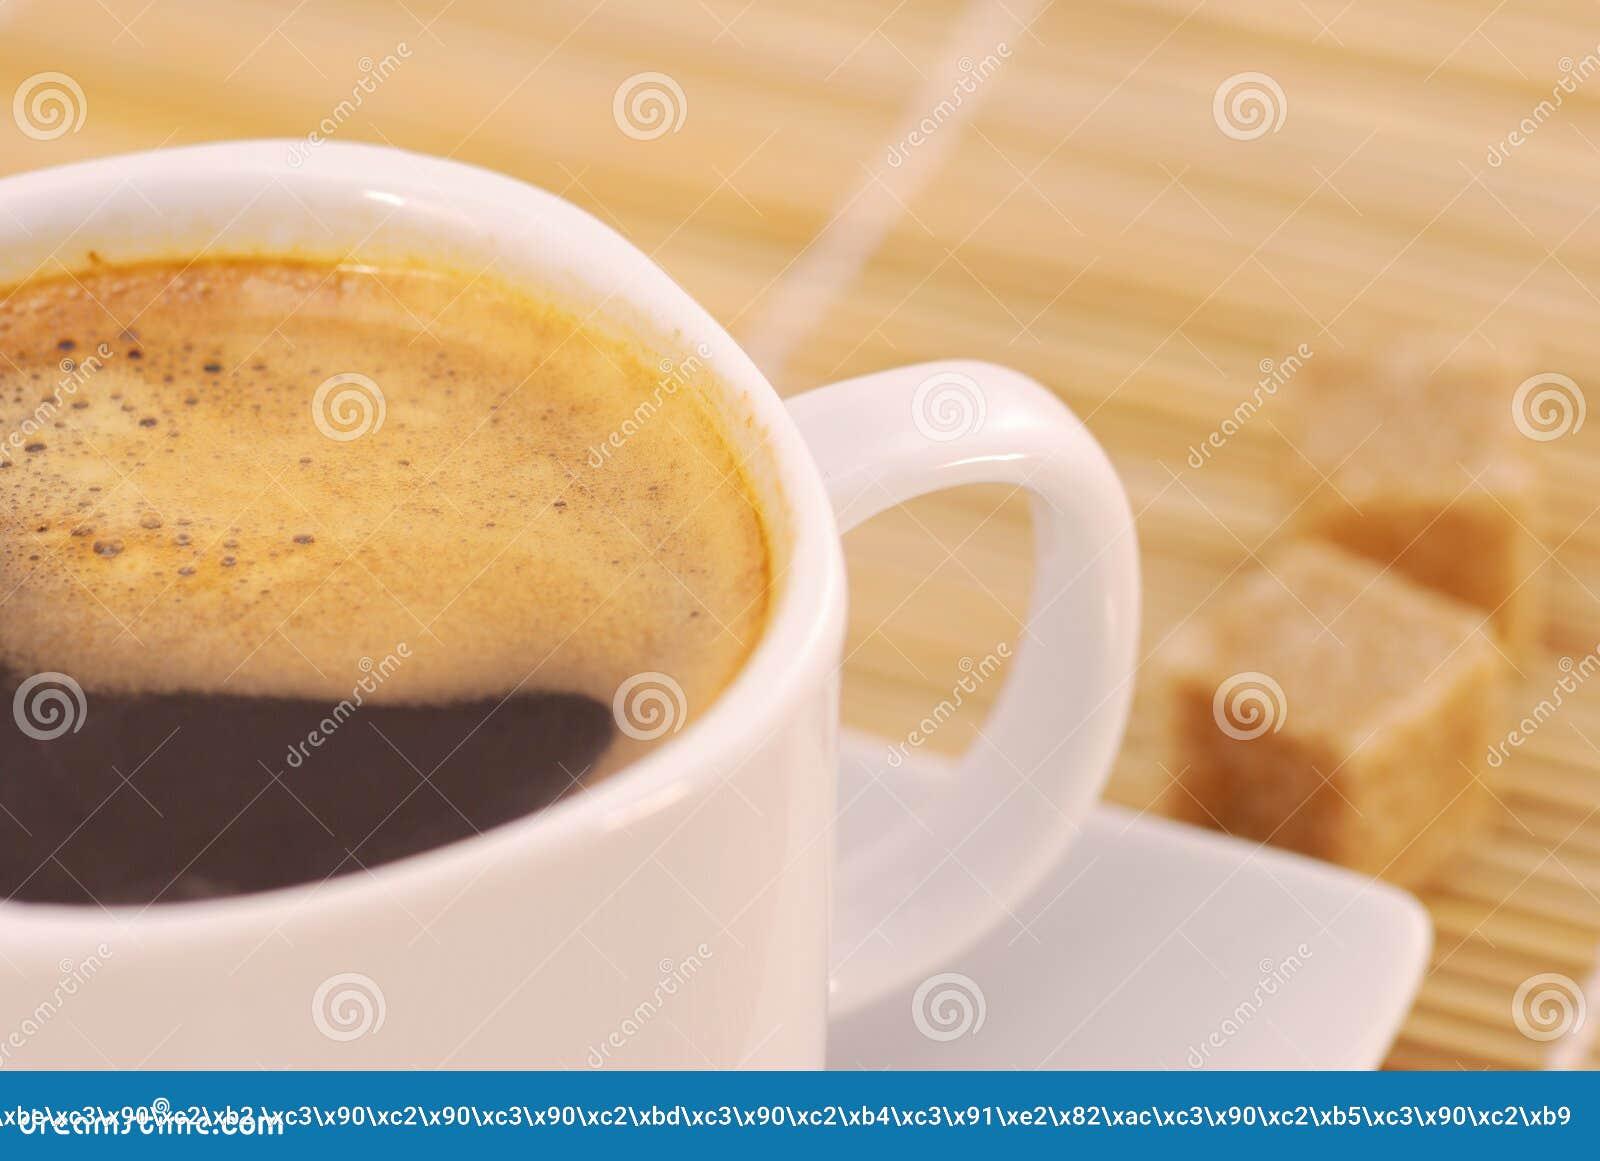 Copo do café fabricado cerveja fresco